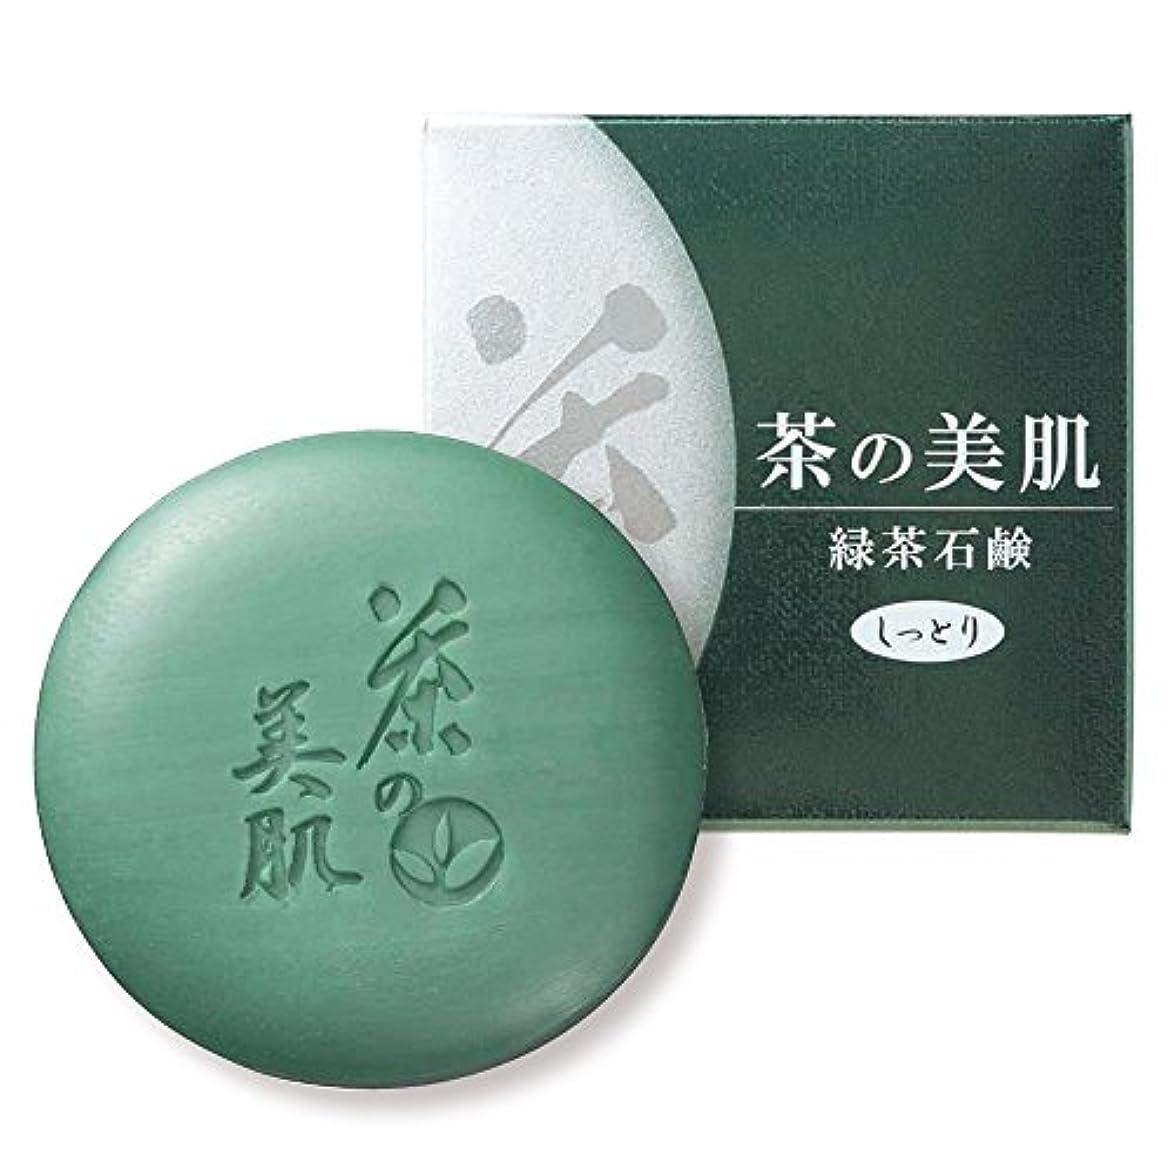 レッドデートマスタードほとんどの場合お茶村 洗顔 茶の美肌 緑茶 石鹸 65g